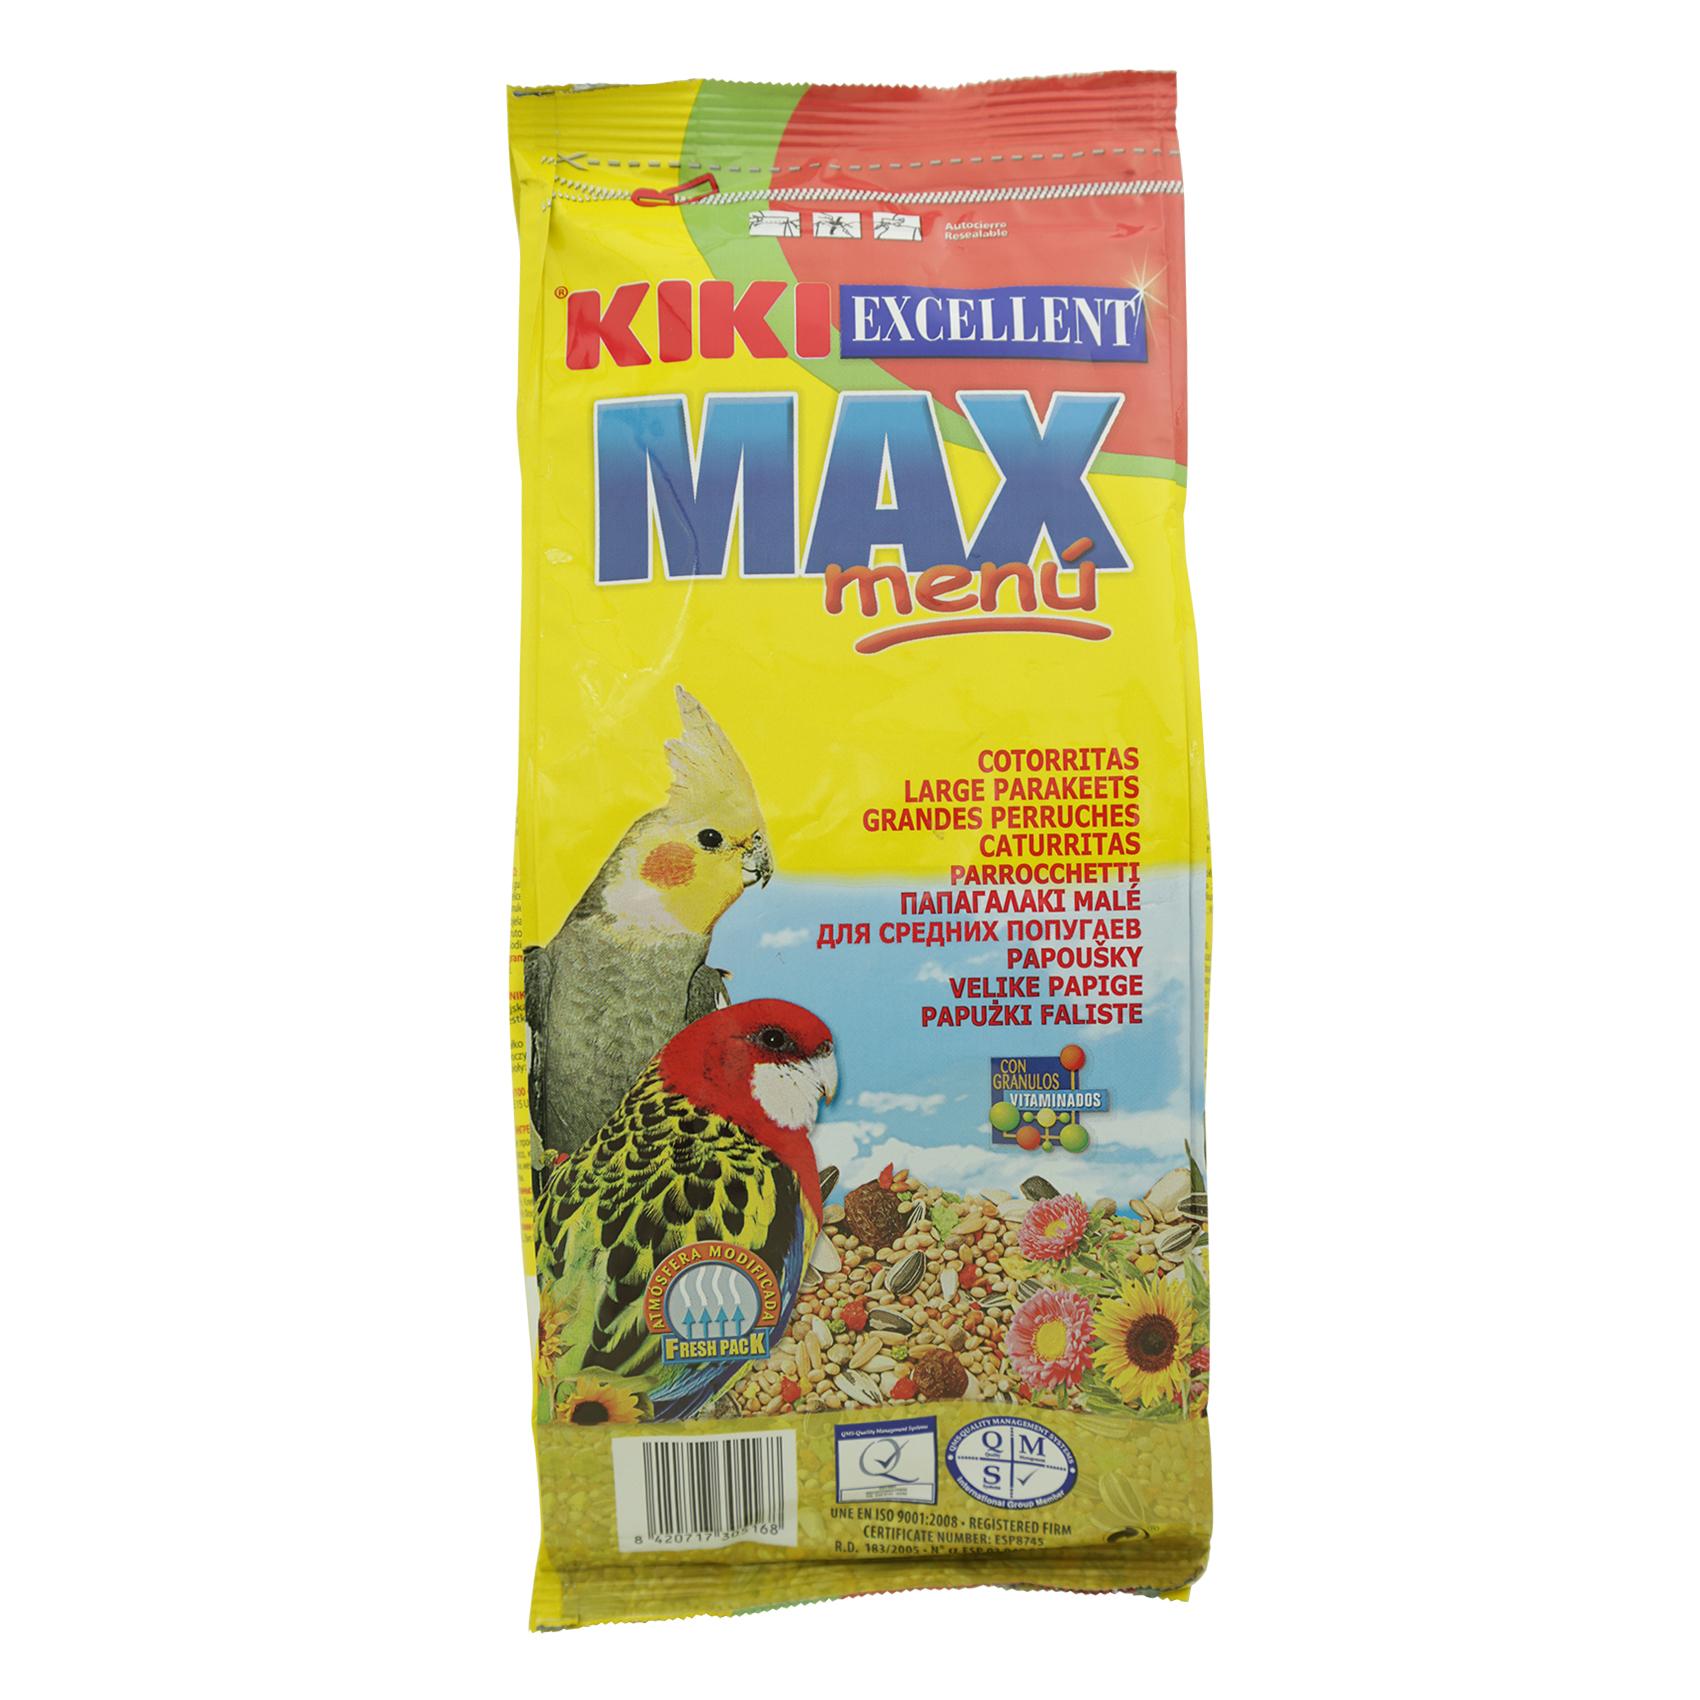 KIKI MAX MENU FOR PARAKEET 1KG